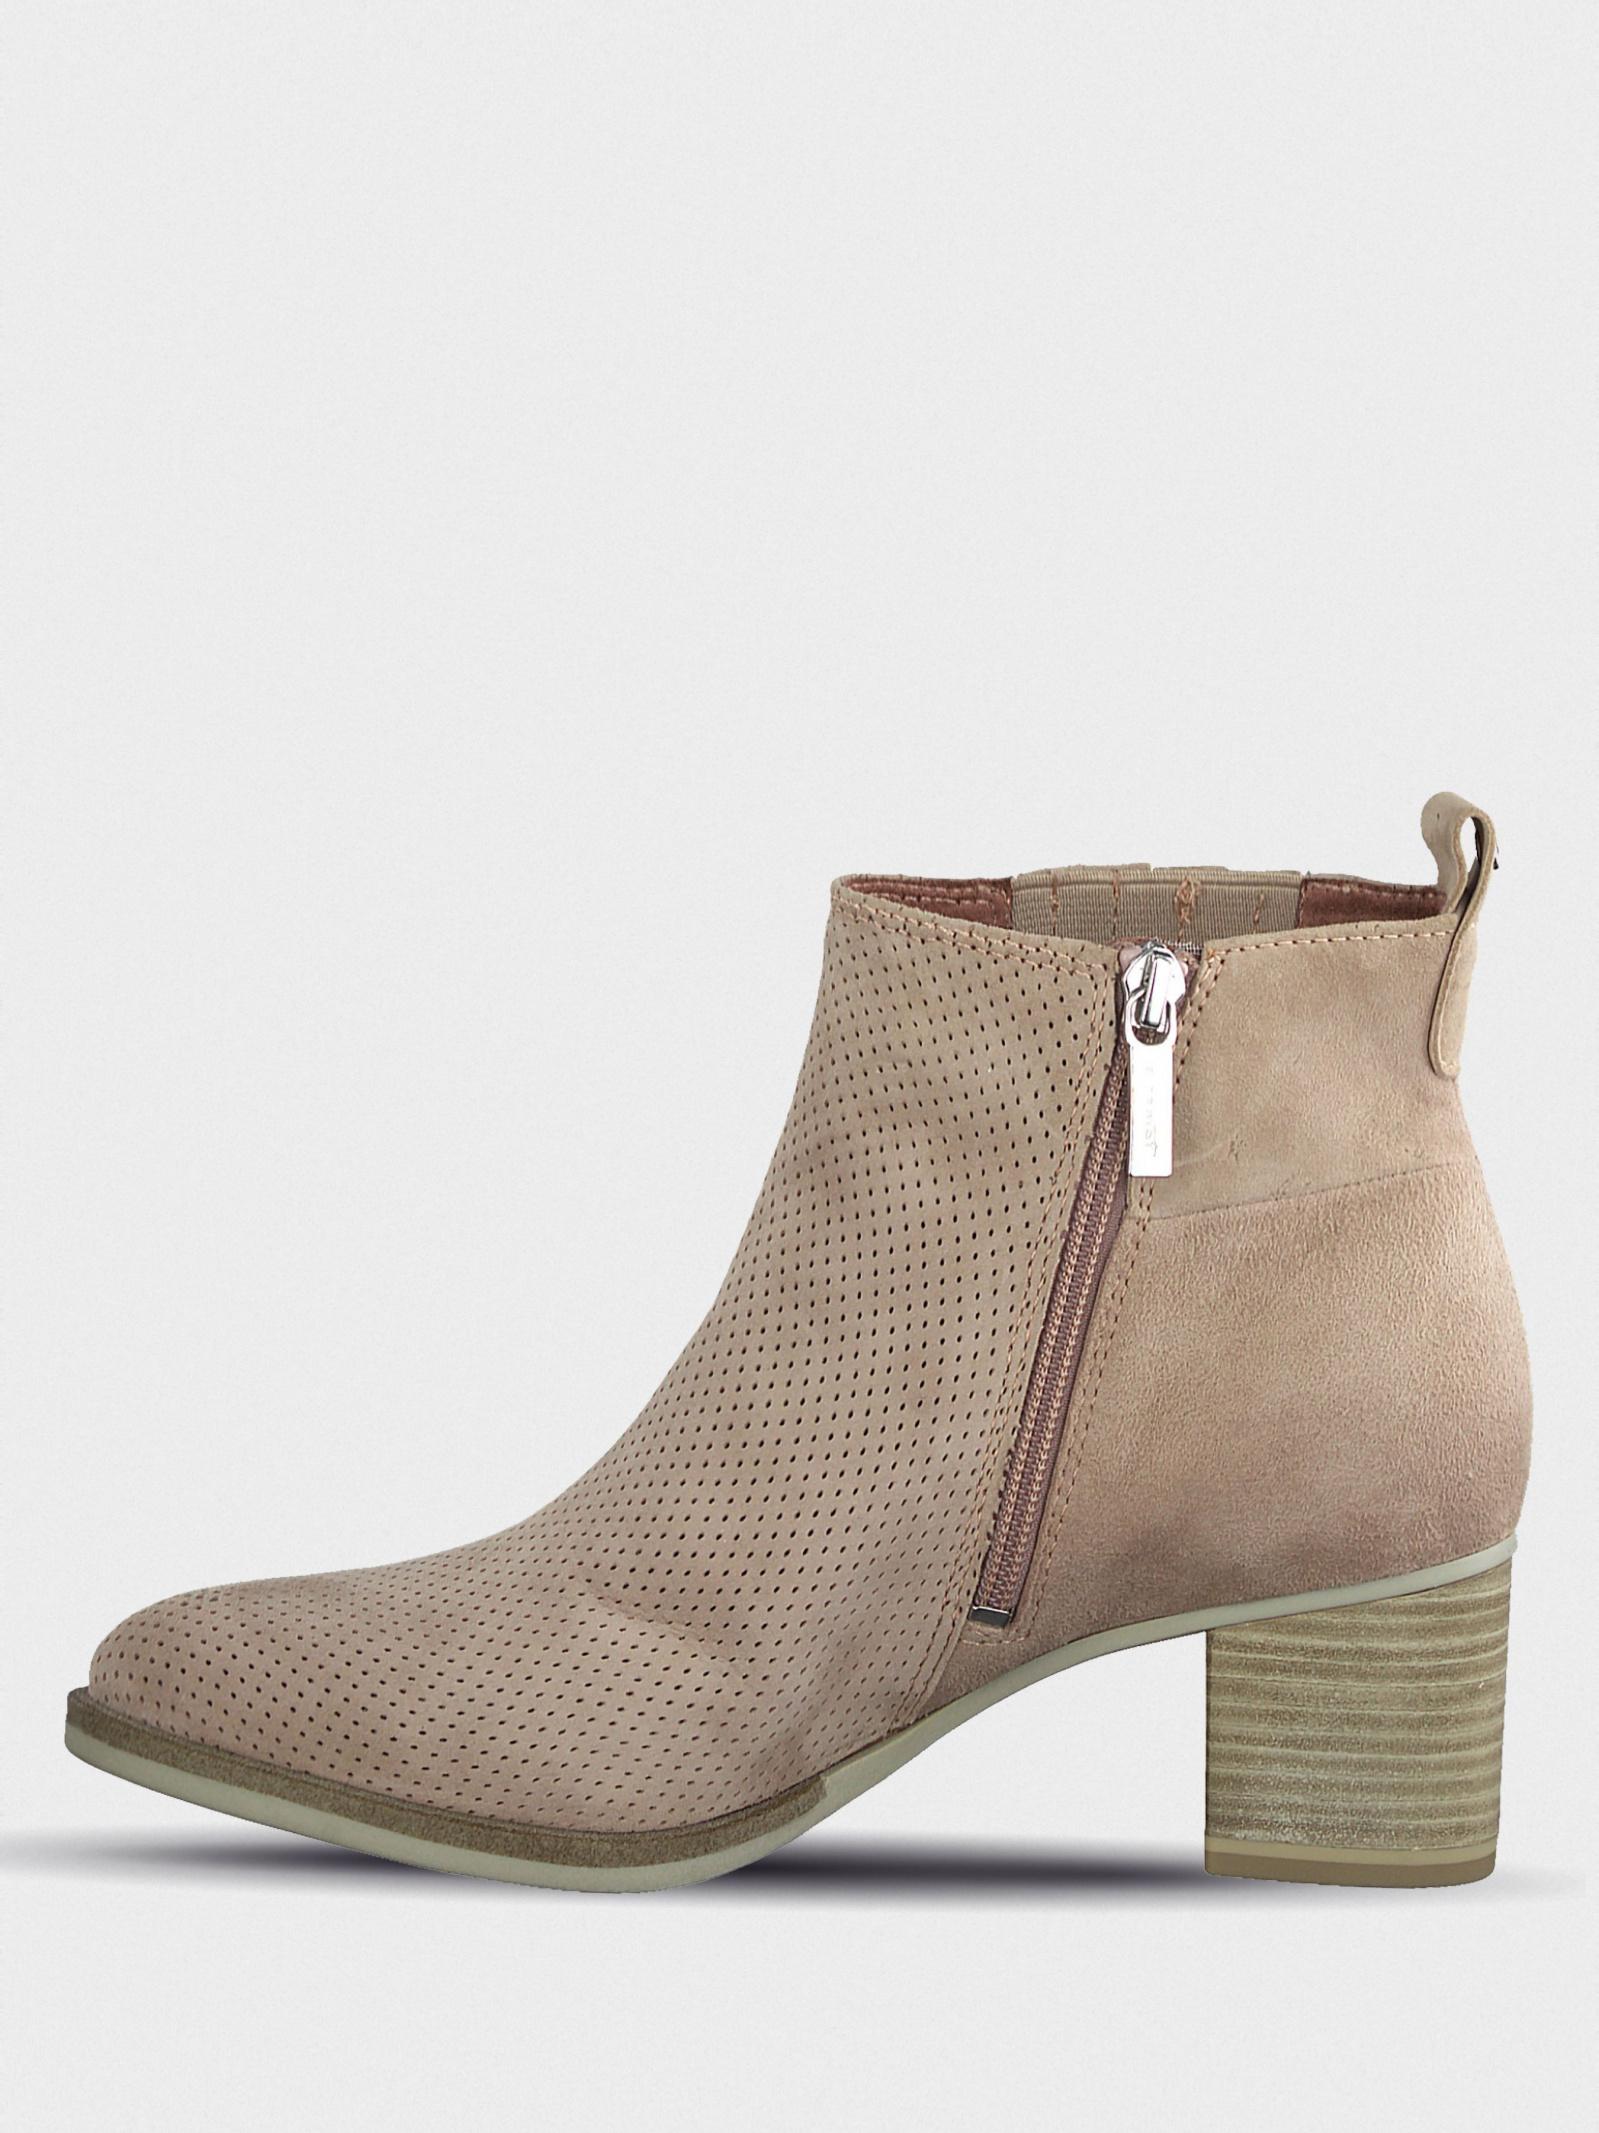 Сапоги для женщин Tamaris IS790 брендовые, 2017